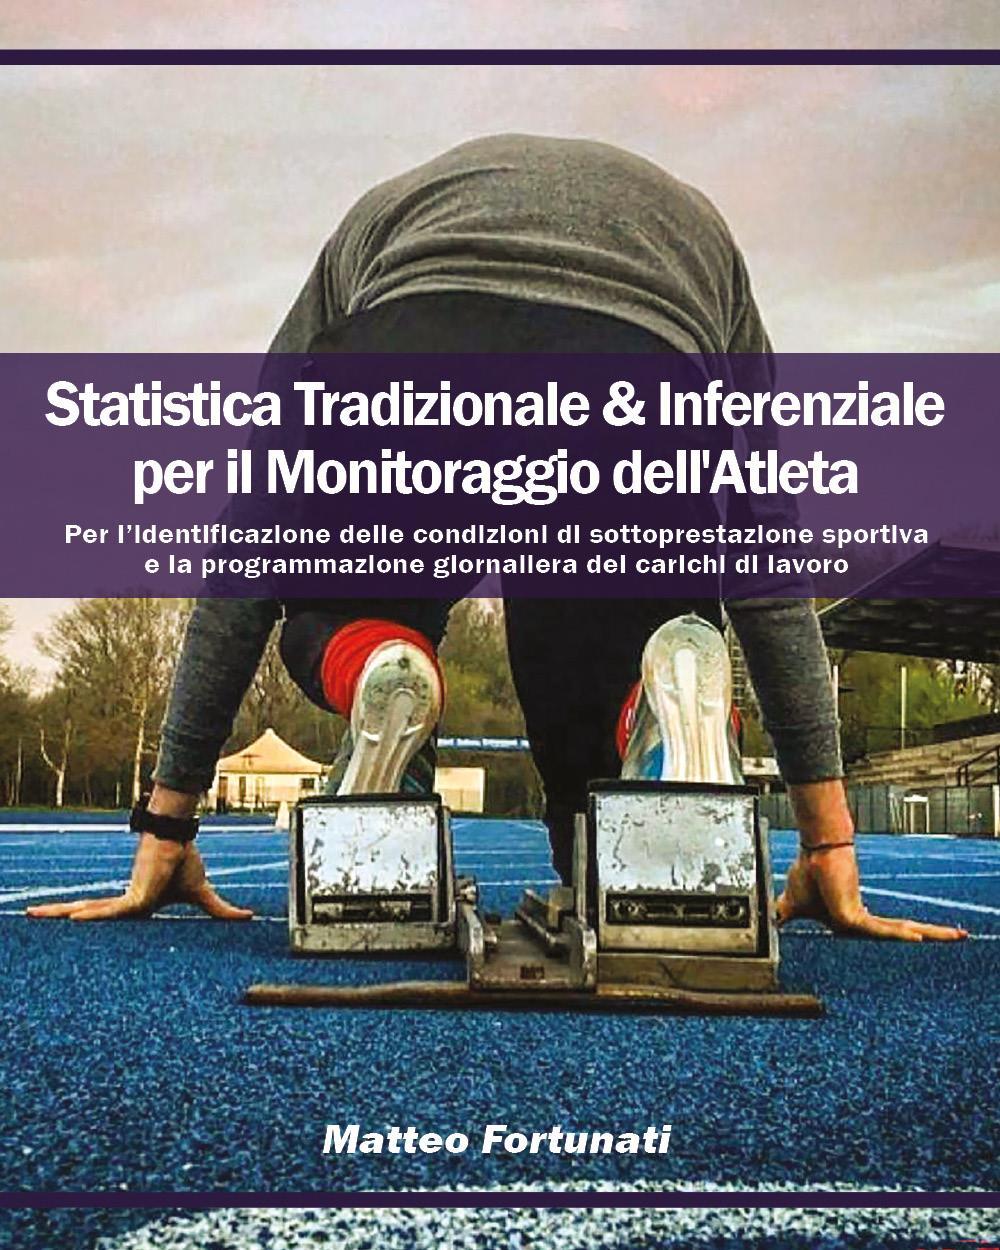 Statistica Tradizionale & Inferenziale per il Monitoraggio dell'Atleta. Per l'identificazione delle condizioni di sottoprestazione sportiva e la programmazione giornaliera dei carichi di lavoro